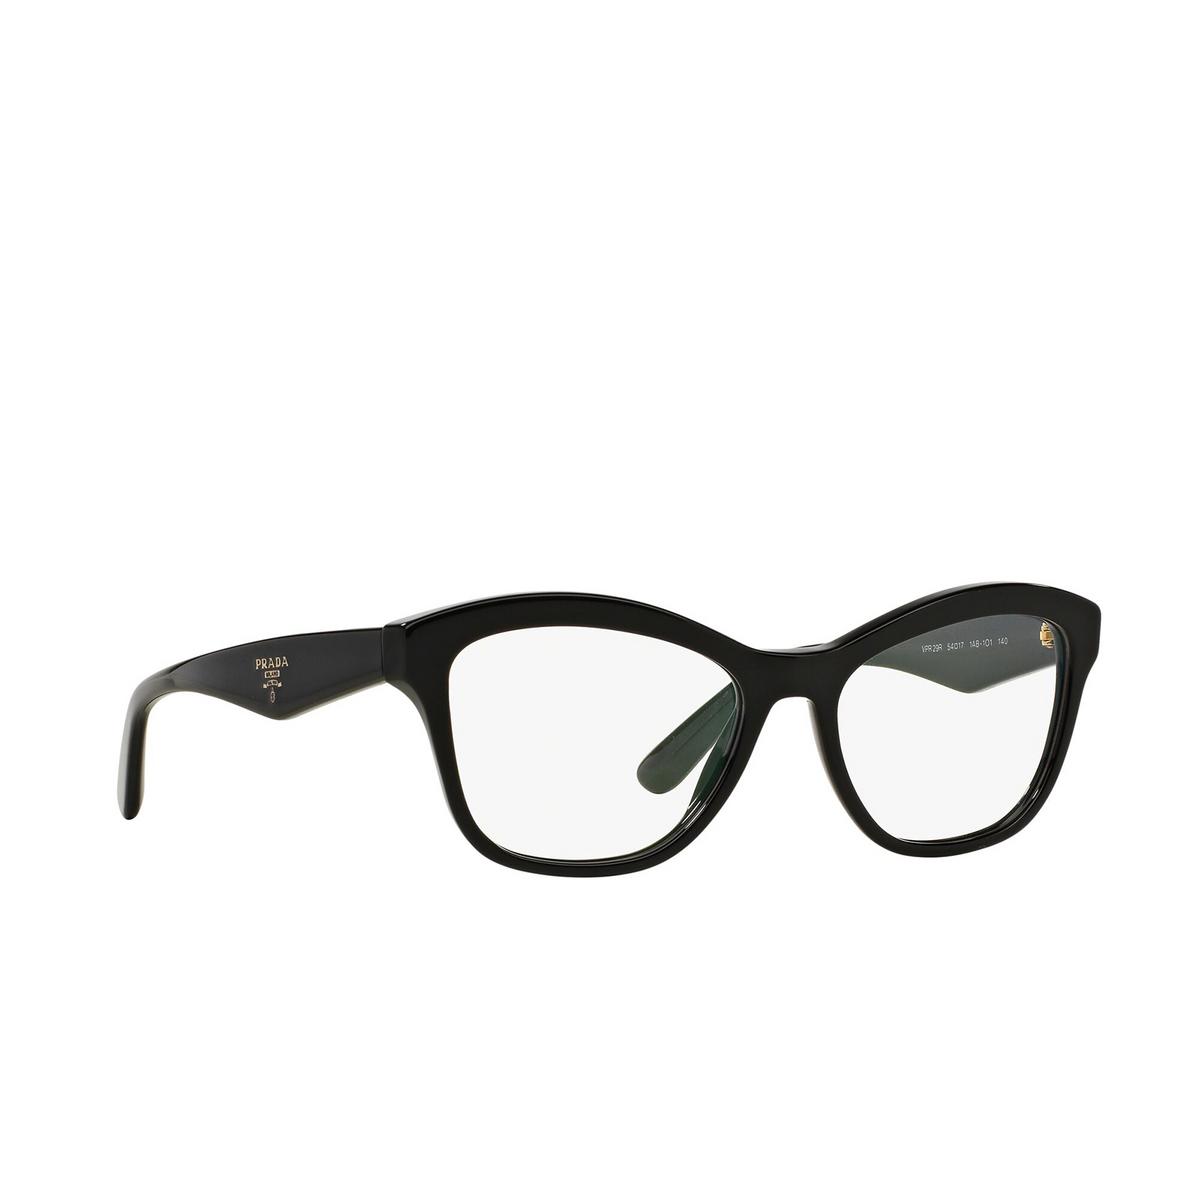 Prada® Cat-eye Eyeglasses: Heritage PR 29RV color Black 1AB1O1 - three-quarters view.